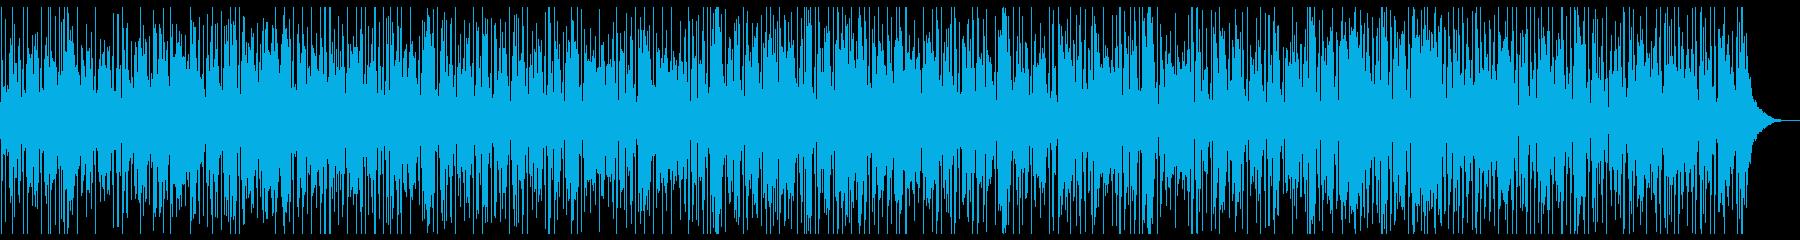 くつろぎタイムのジャズファンクの再生済みの波形